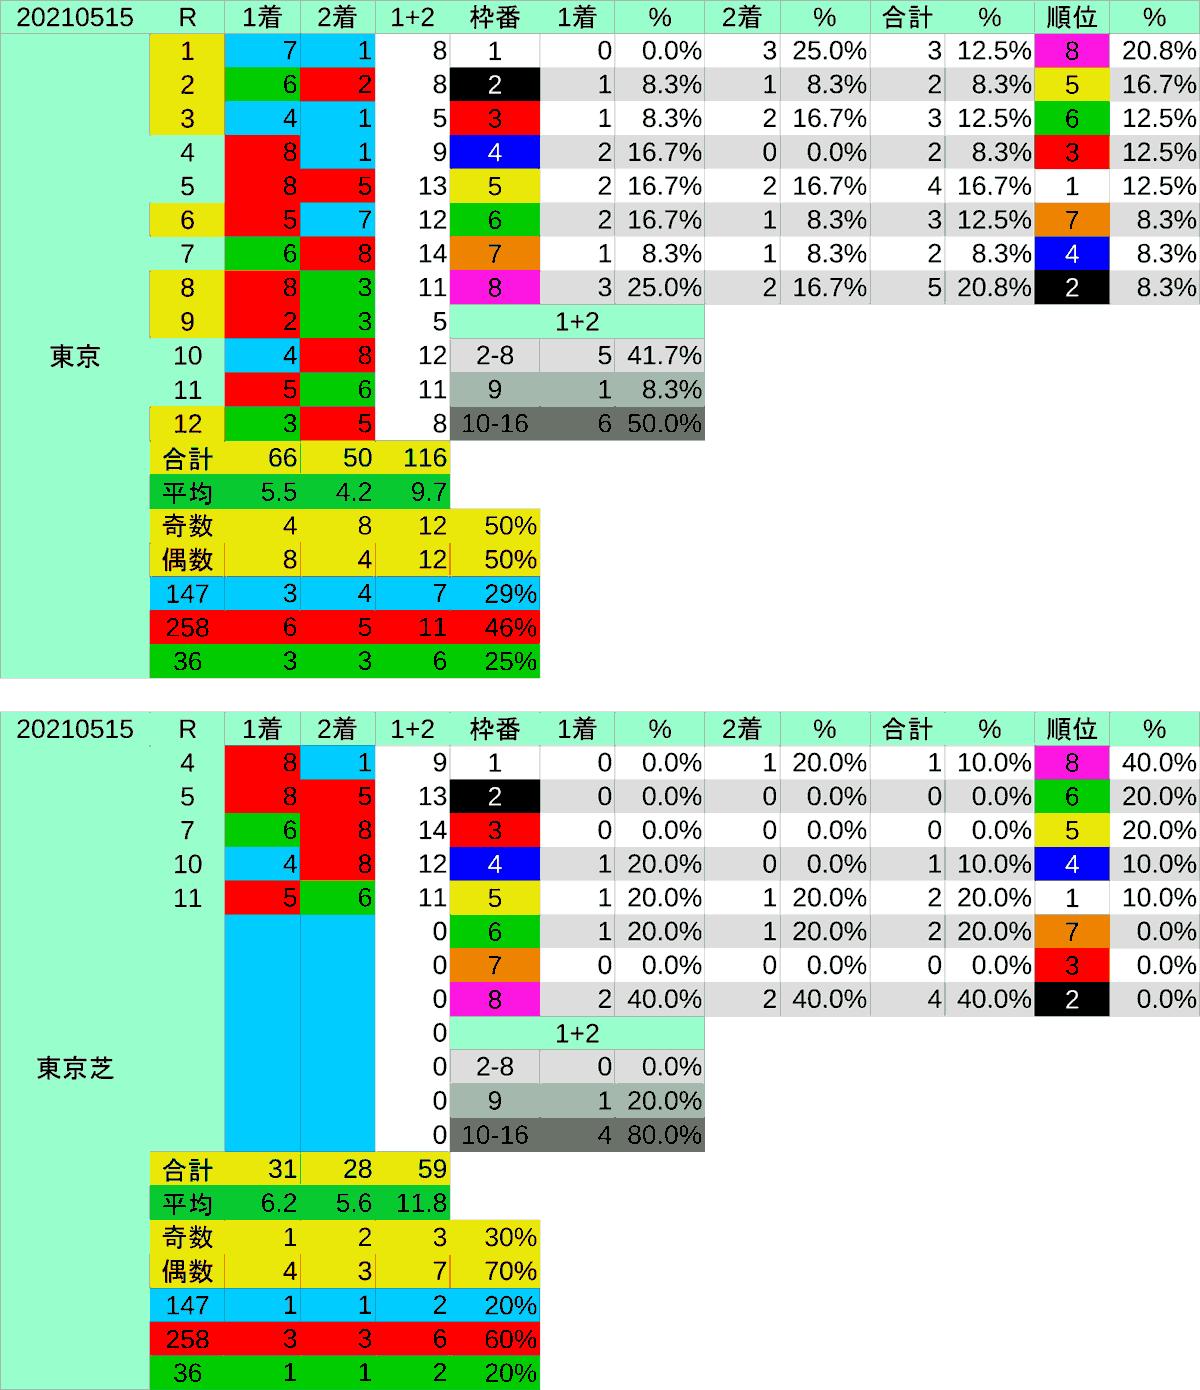 2021_枠穴_VM-min